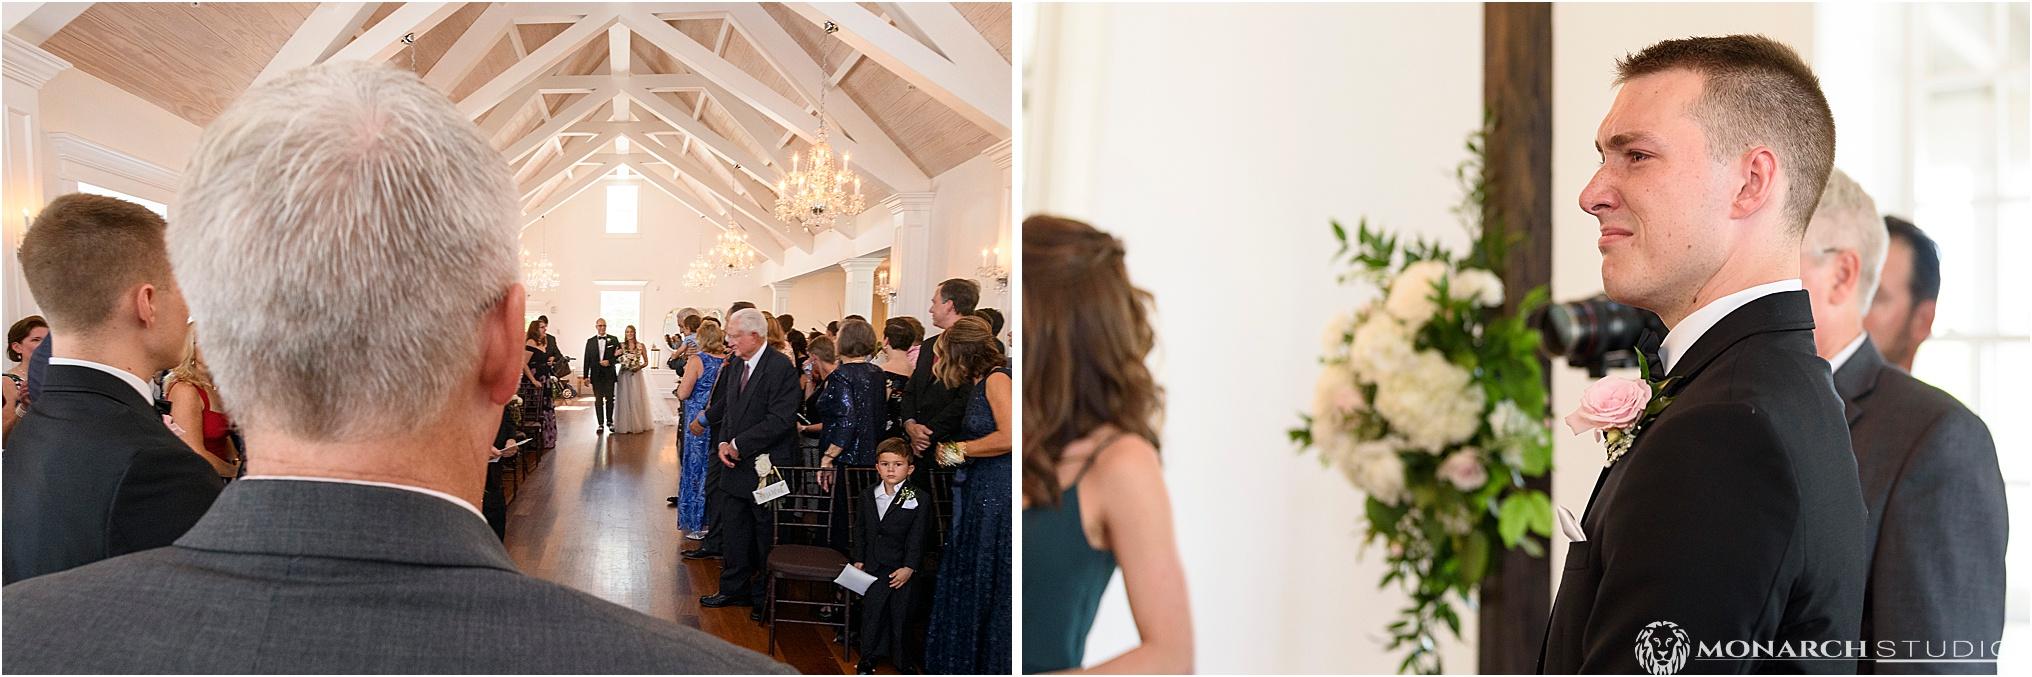 best-wedding-photographer-near-st-augustine-152.jpg